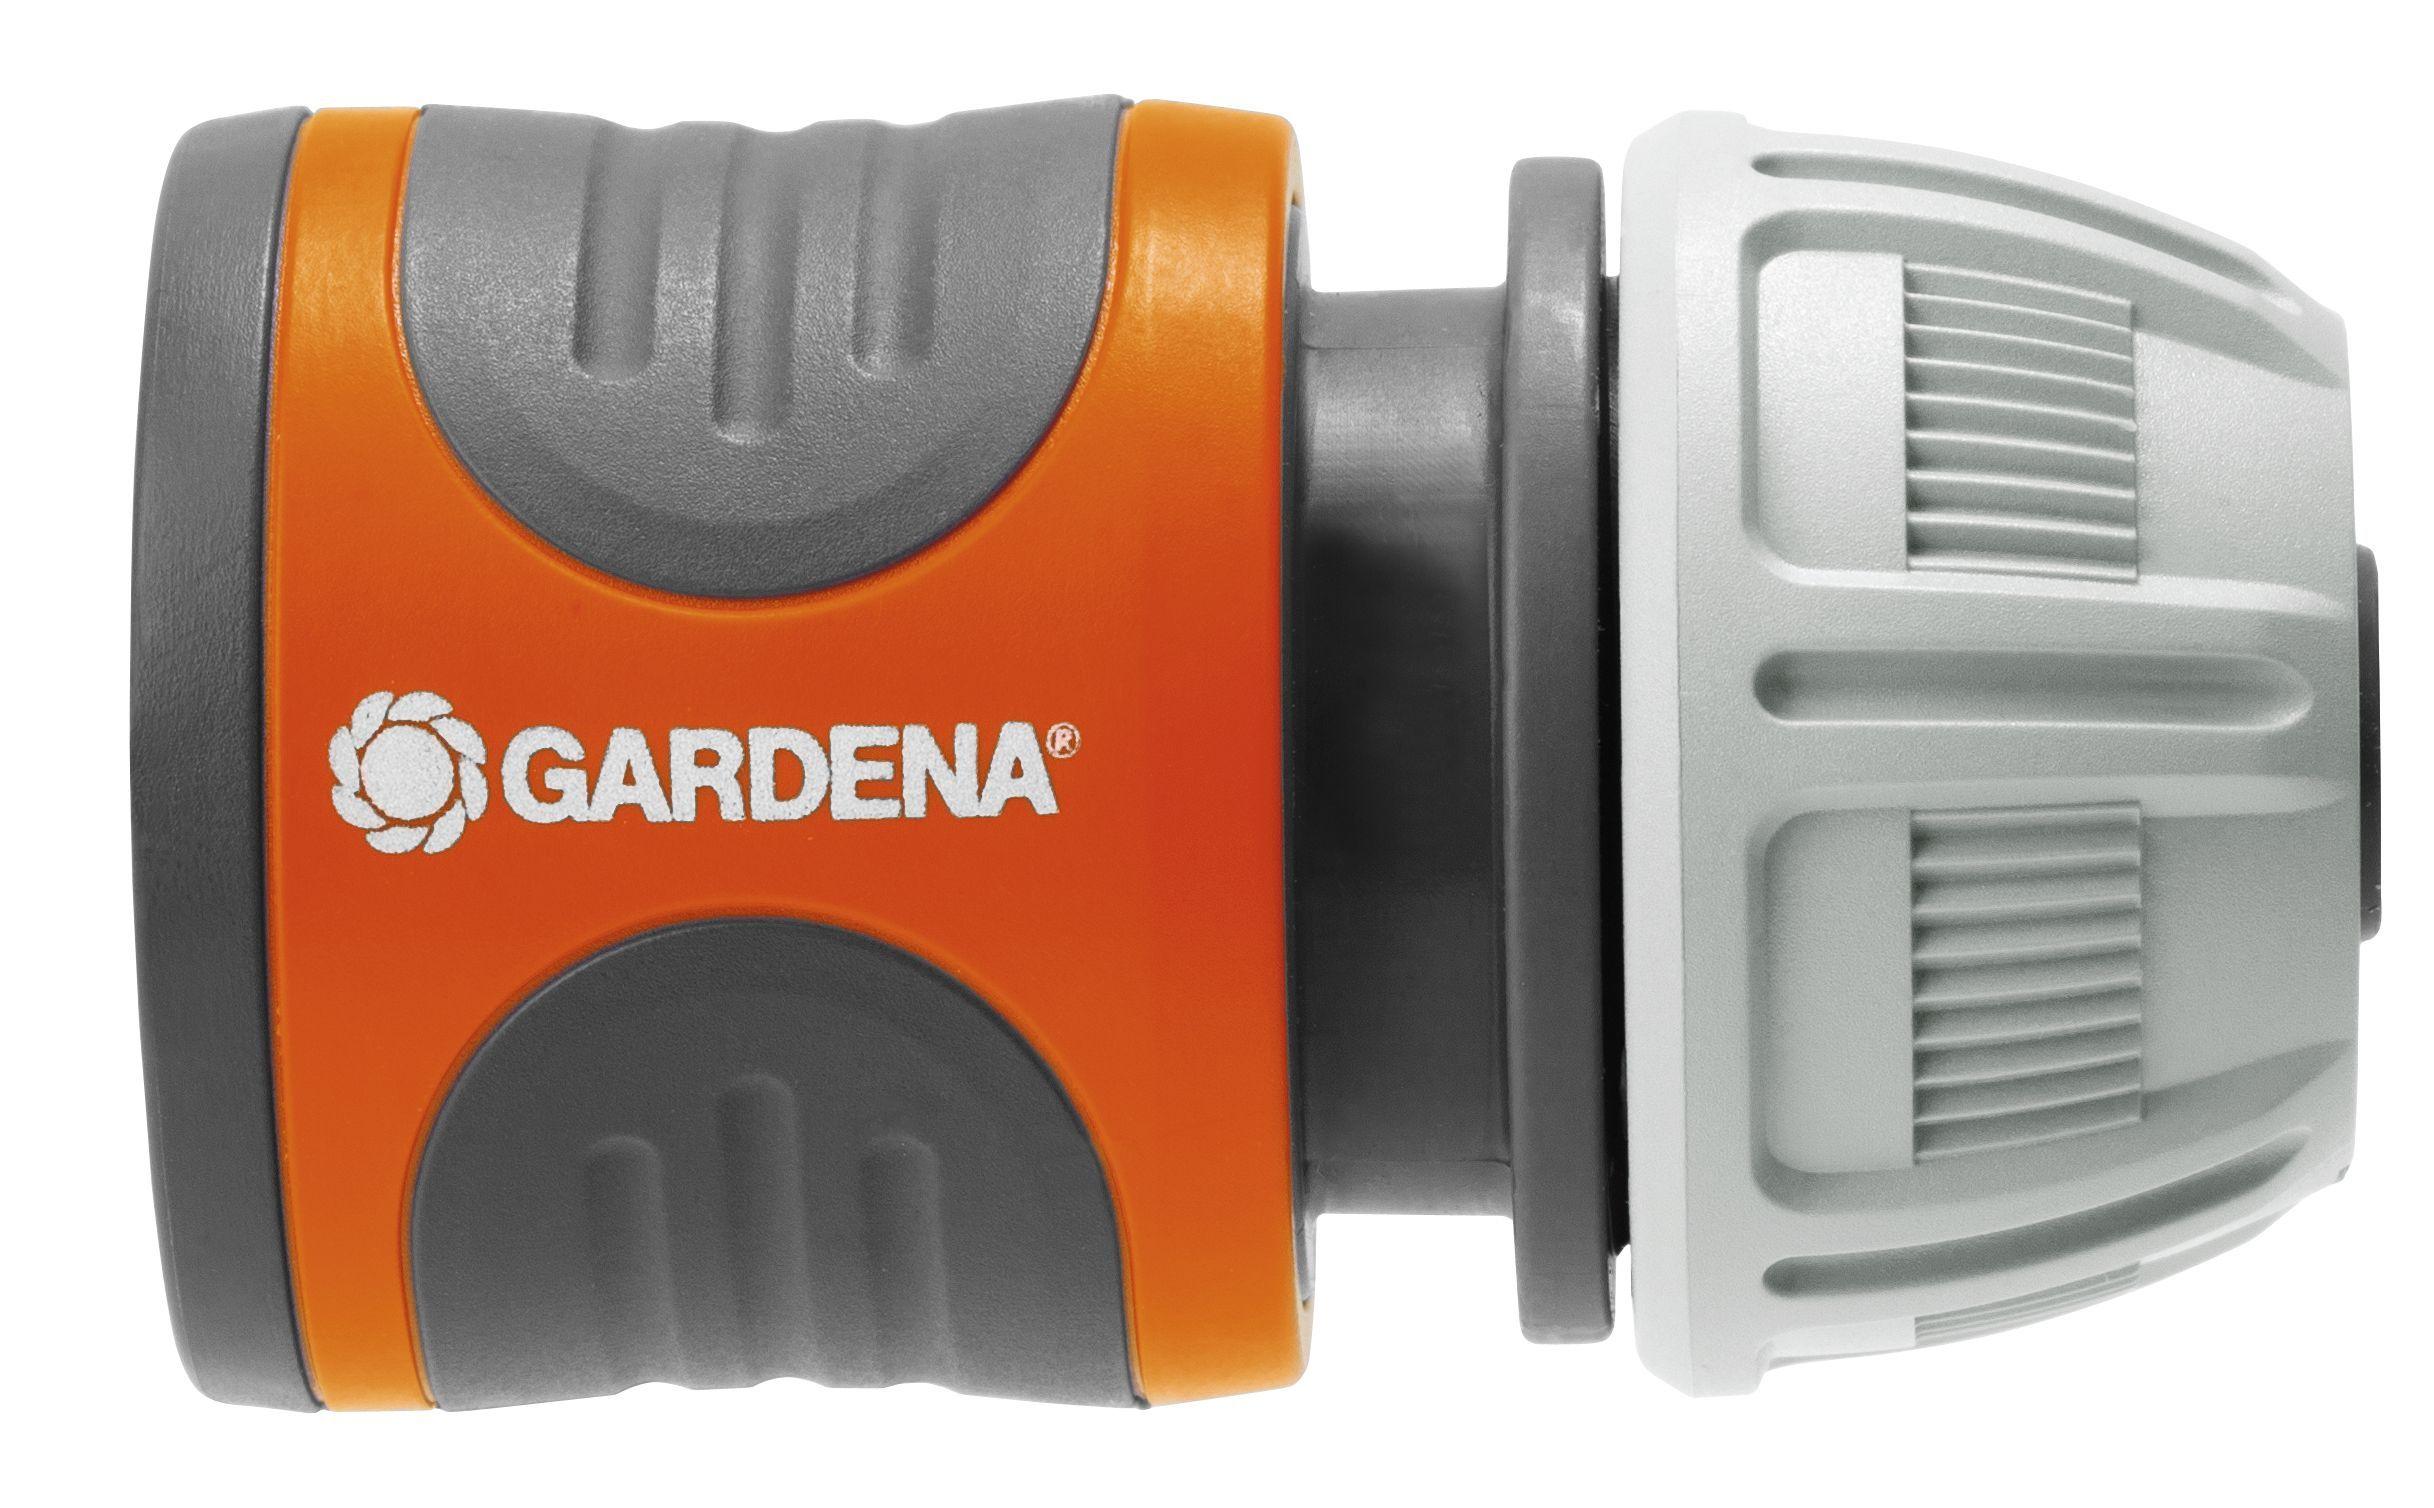 gardena met 3 4 inch draad en 1 2 waterkraan. Black Bedroom Furniture Sets. Home Design Ideas